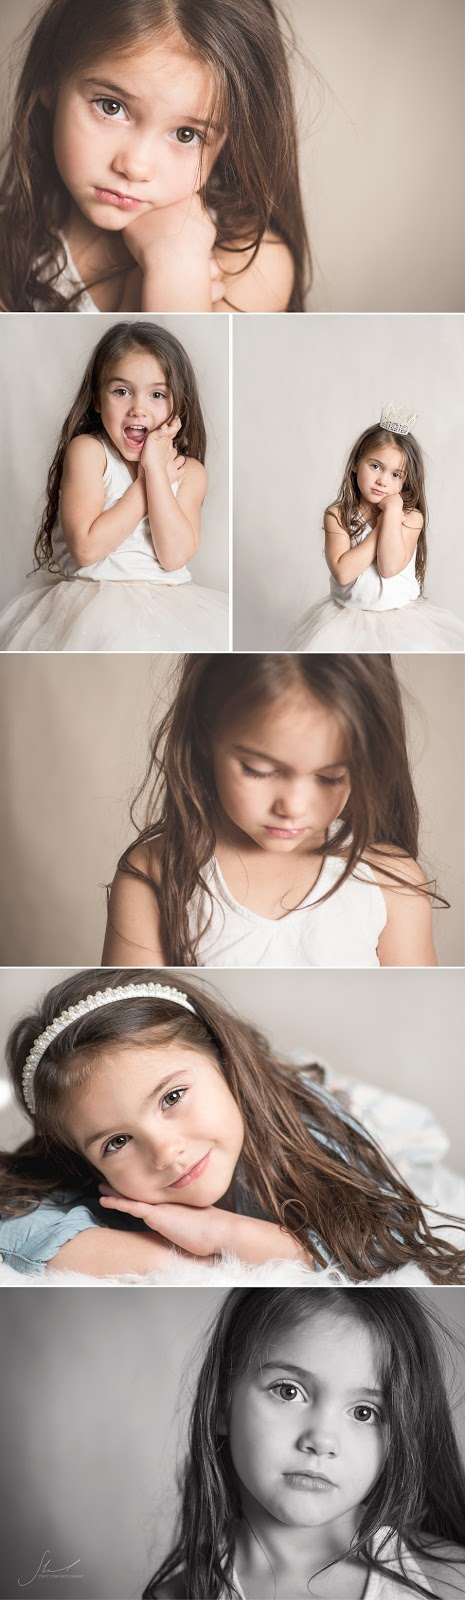 stacy lynn children photography studio Phelps NY